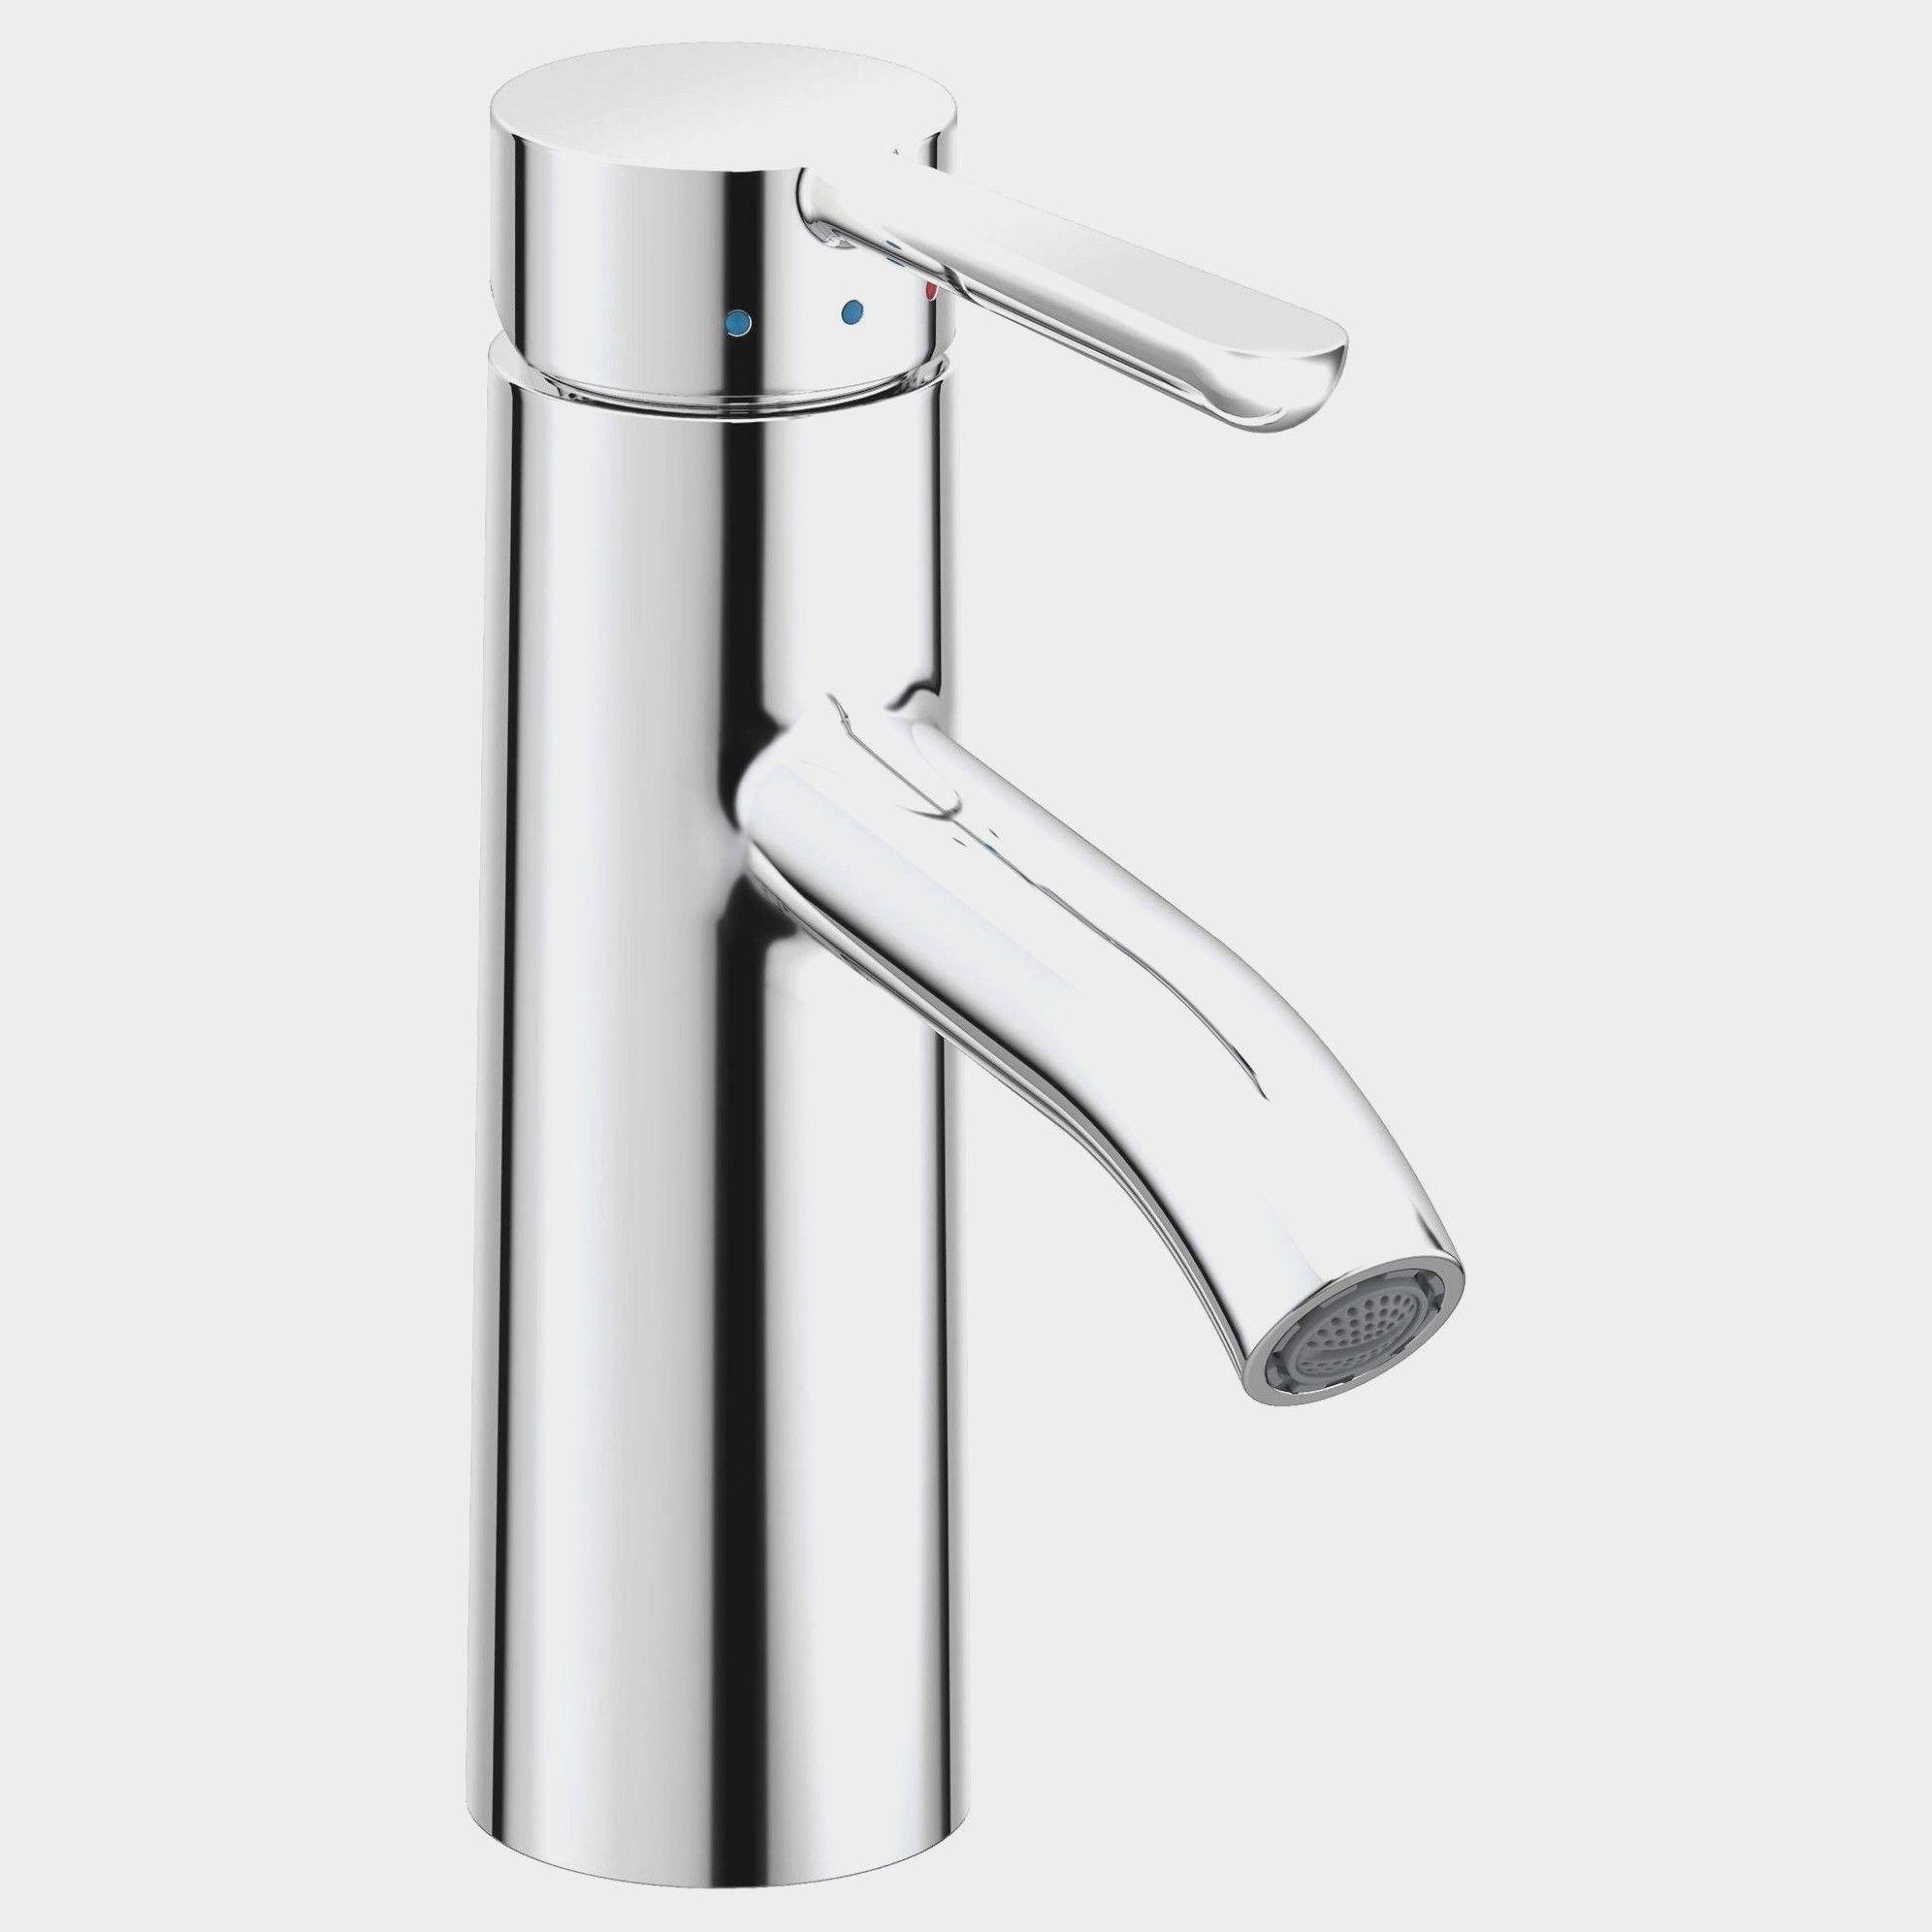 küchen wasserhahn bauhaus | 3p technik wasserzapfstelle